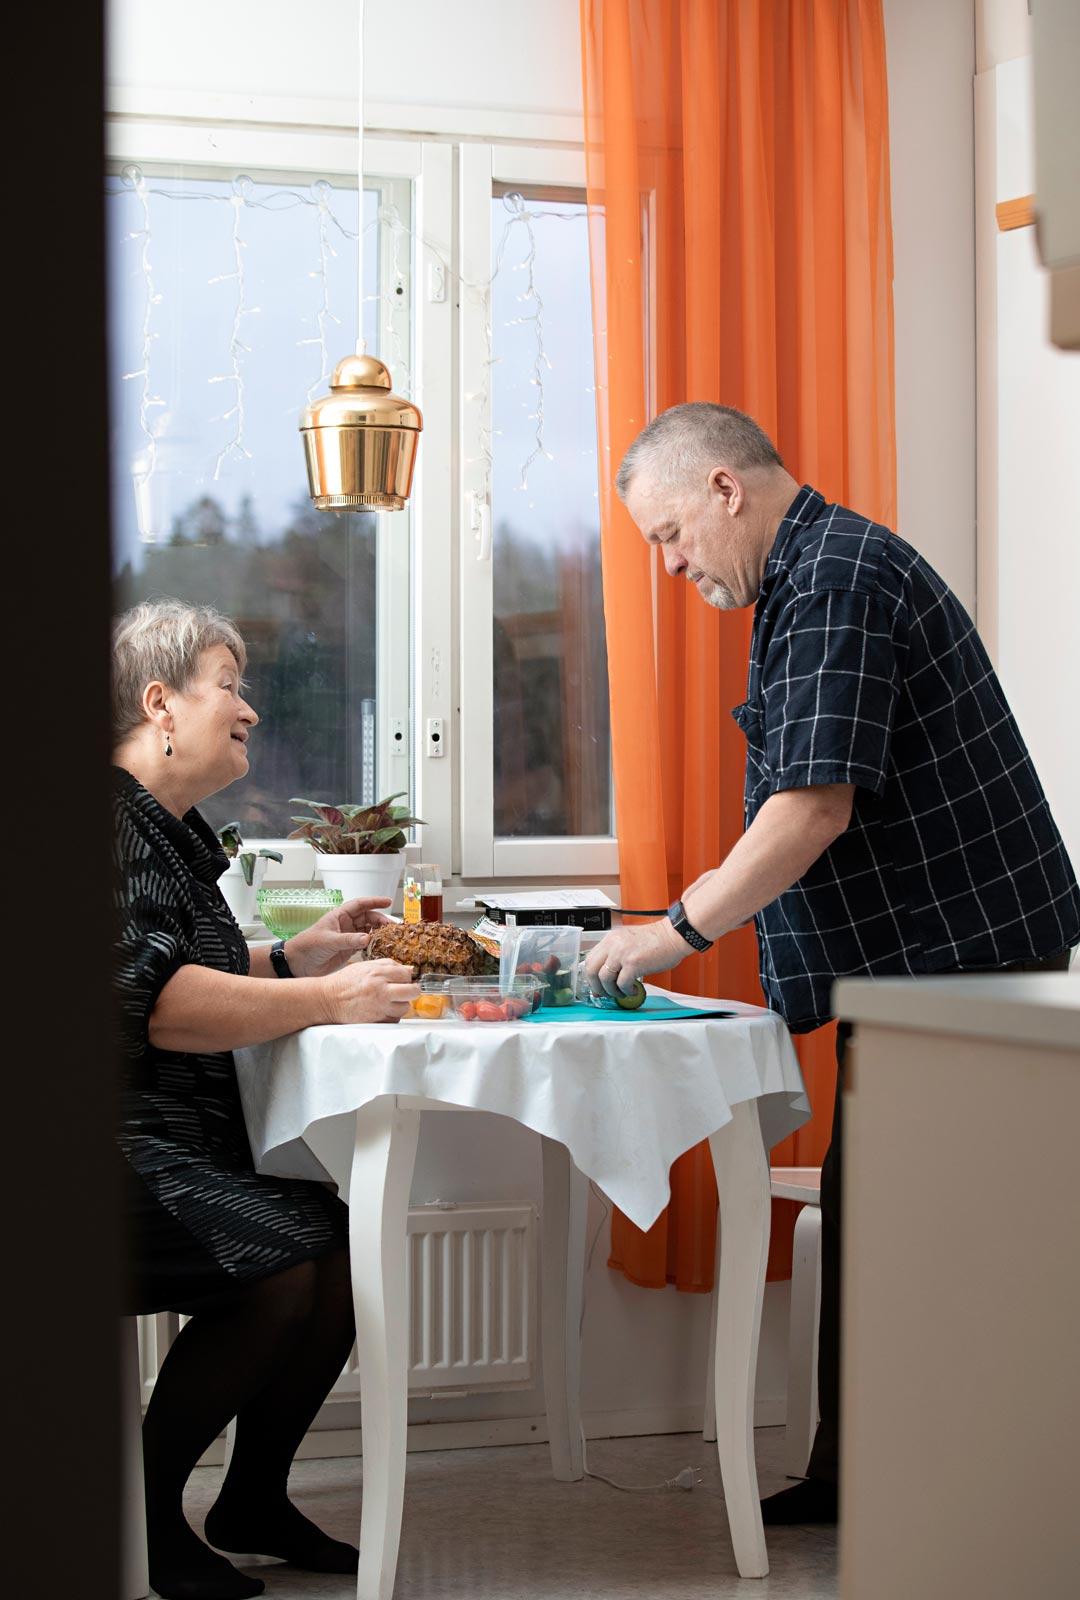 Parkinsonin tauti muutti arjen. Mikon nielemisvaikeuksien vuoksi salaatit tehdään smootheiksi. Ne syntyvät kotikeittiössä yhteistyönä.